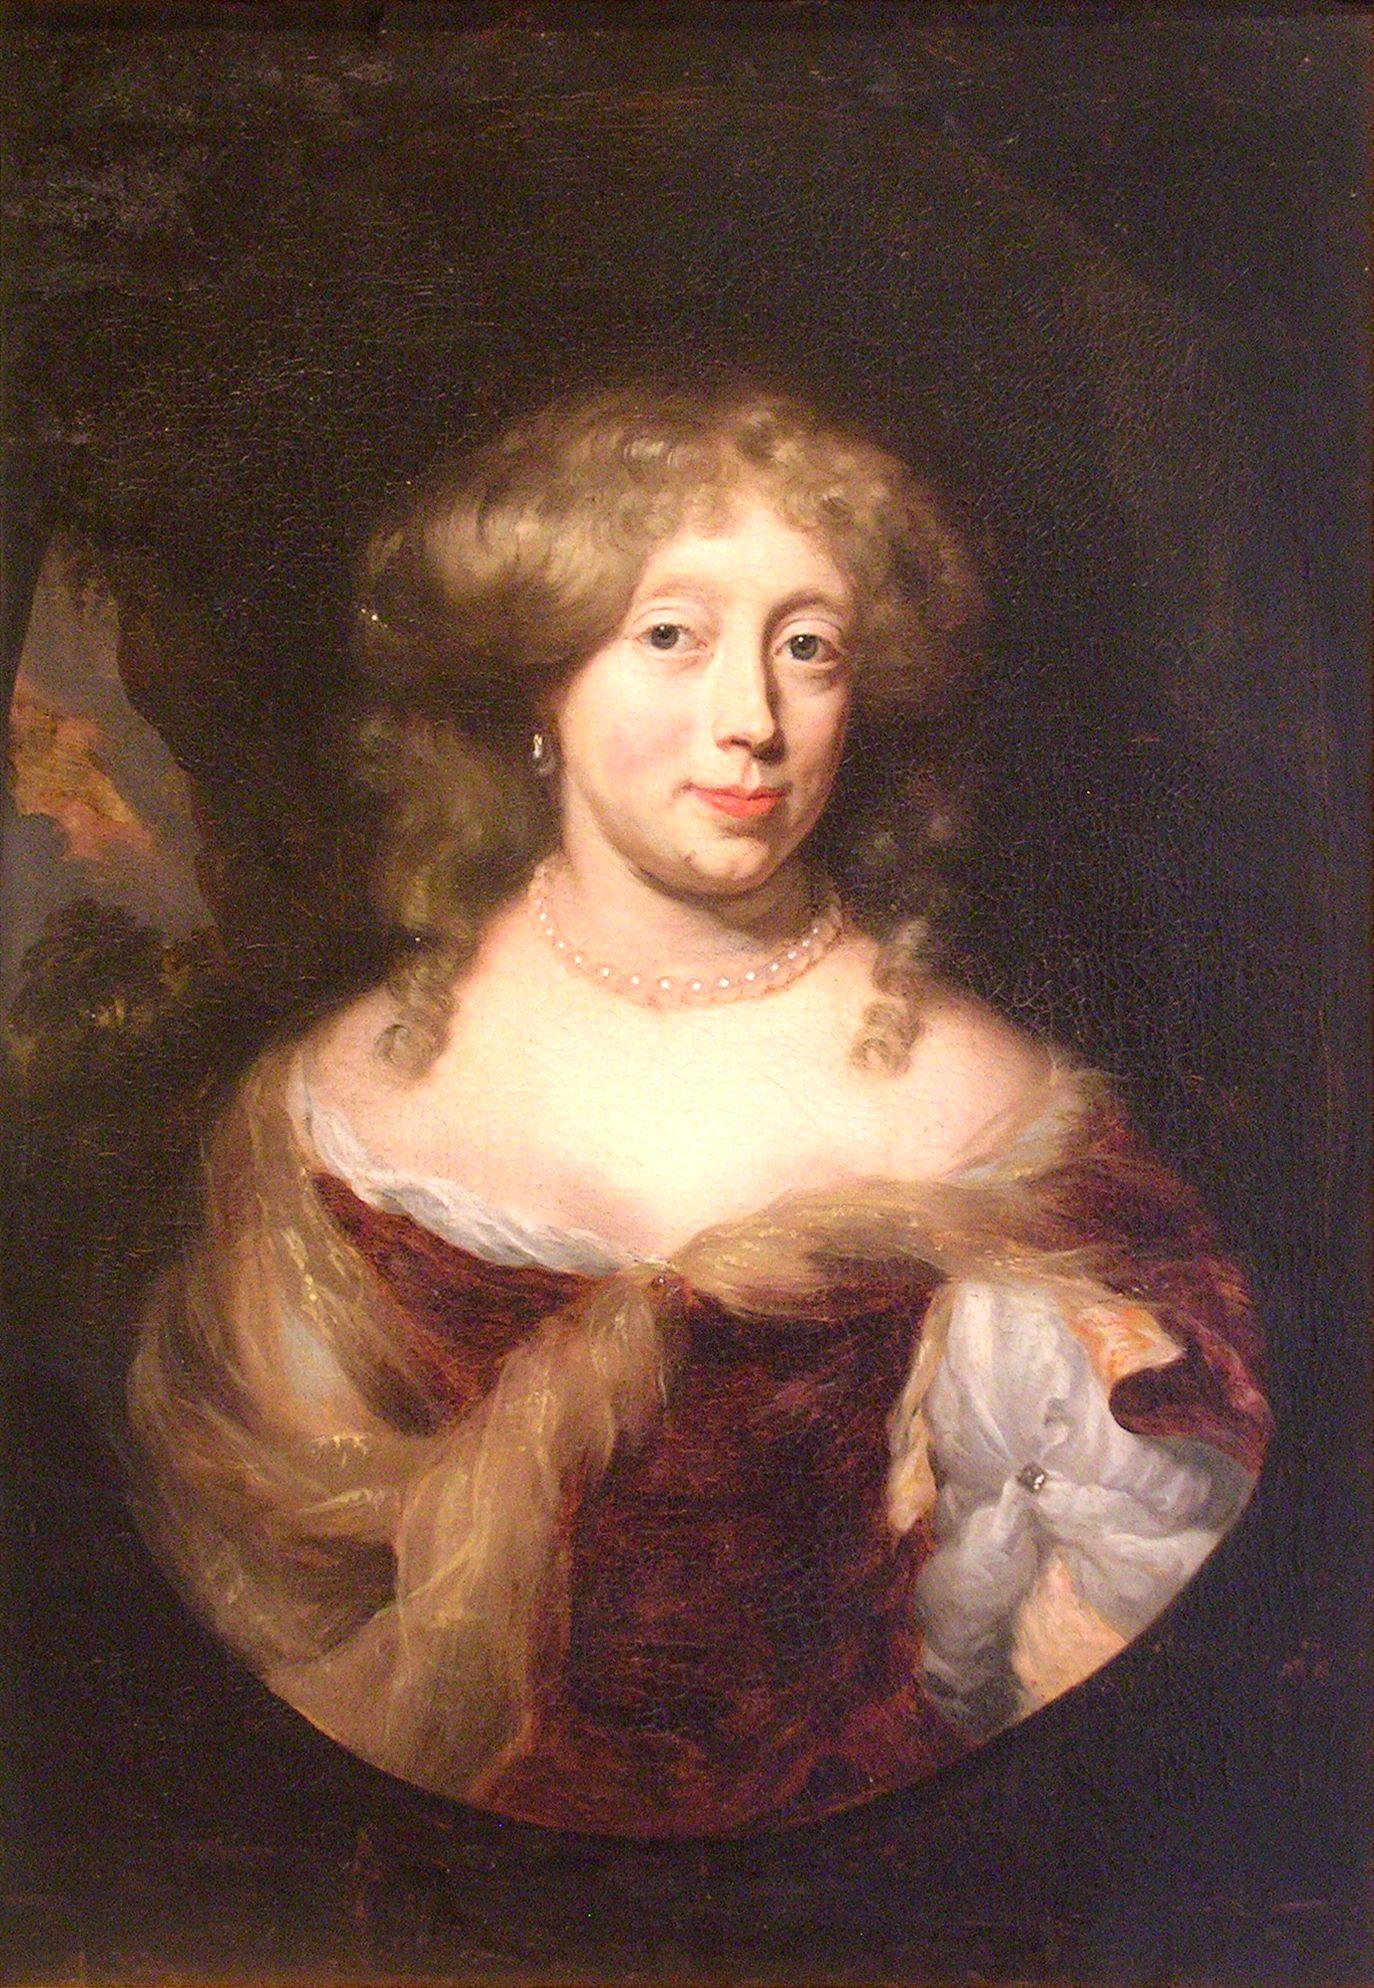 Nicolaes Maes (1634-1693), Portrait of a lady Museo Nacional de Bellas Artes de Cuba